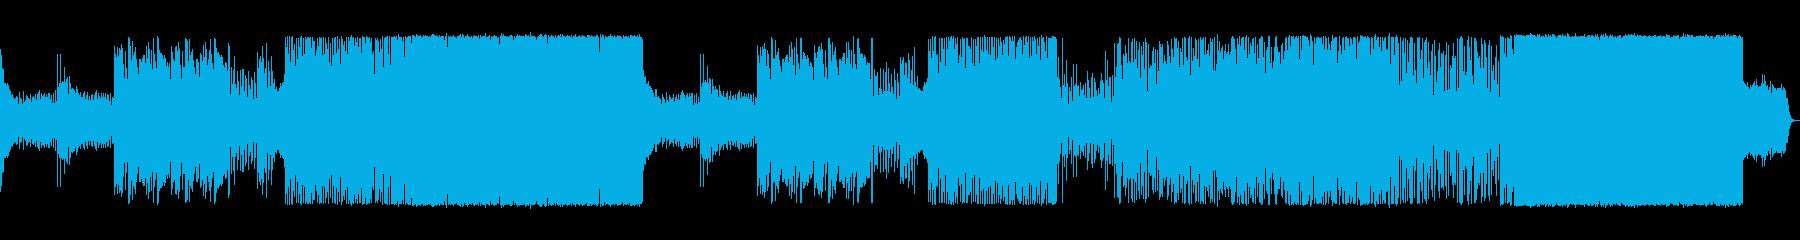 ほのぼのしたEDMの再生済みの波形